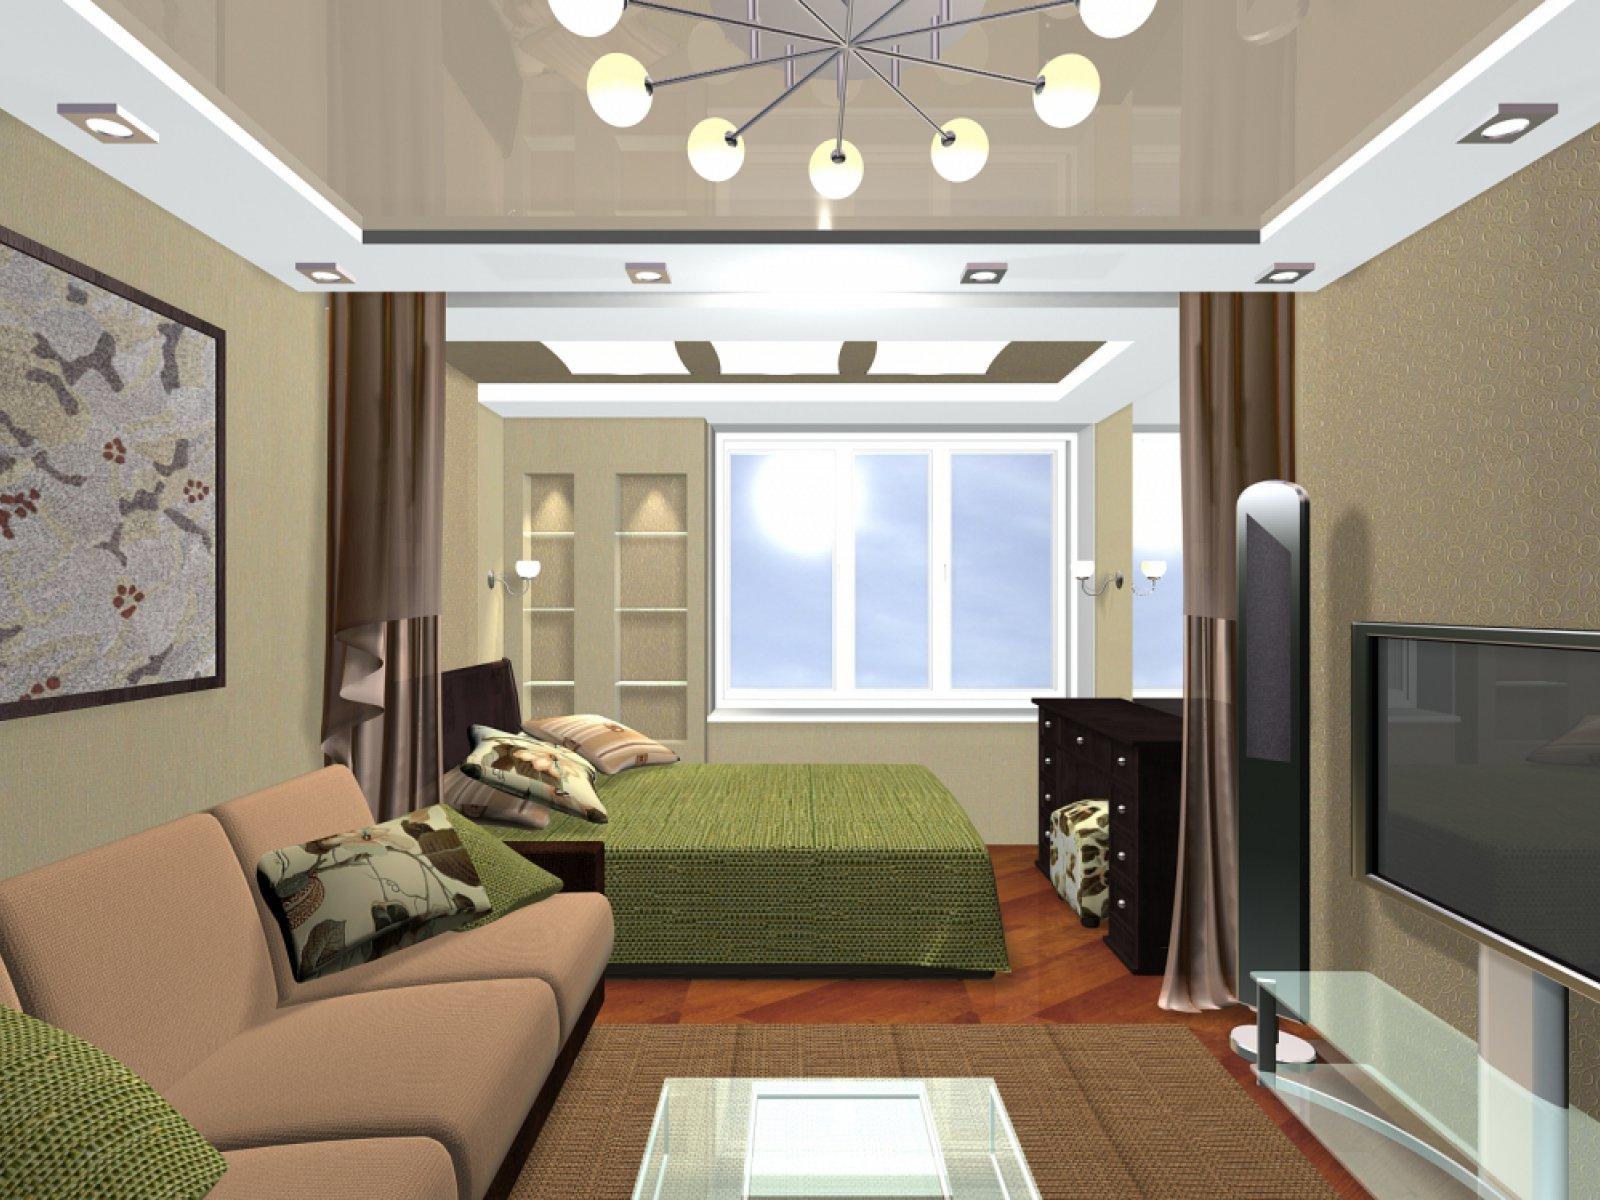 Зонирование комнаты шторами (49 фото): разделение на зоны с помощью штор, японские перегородки 73